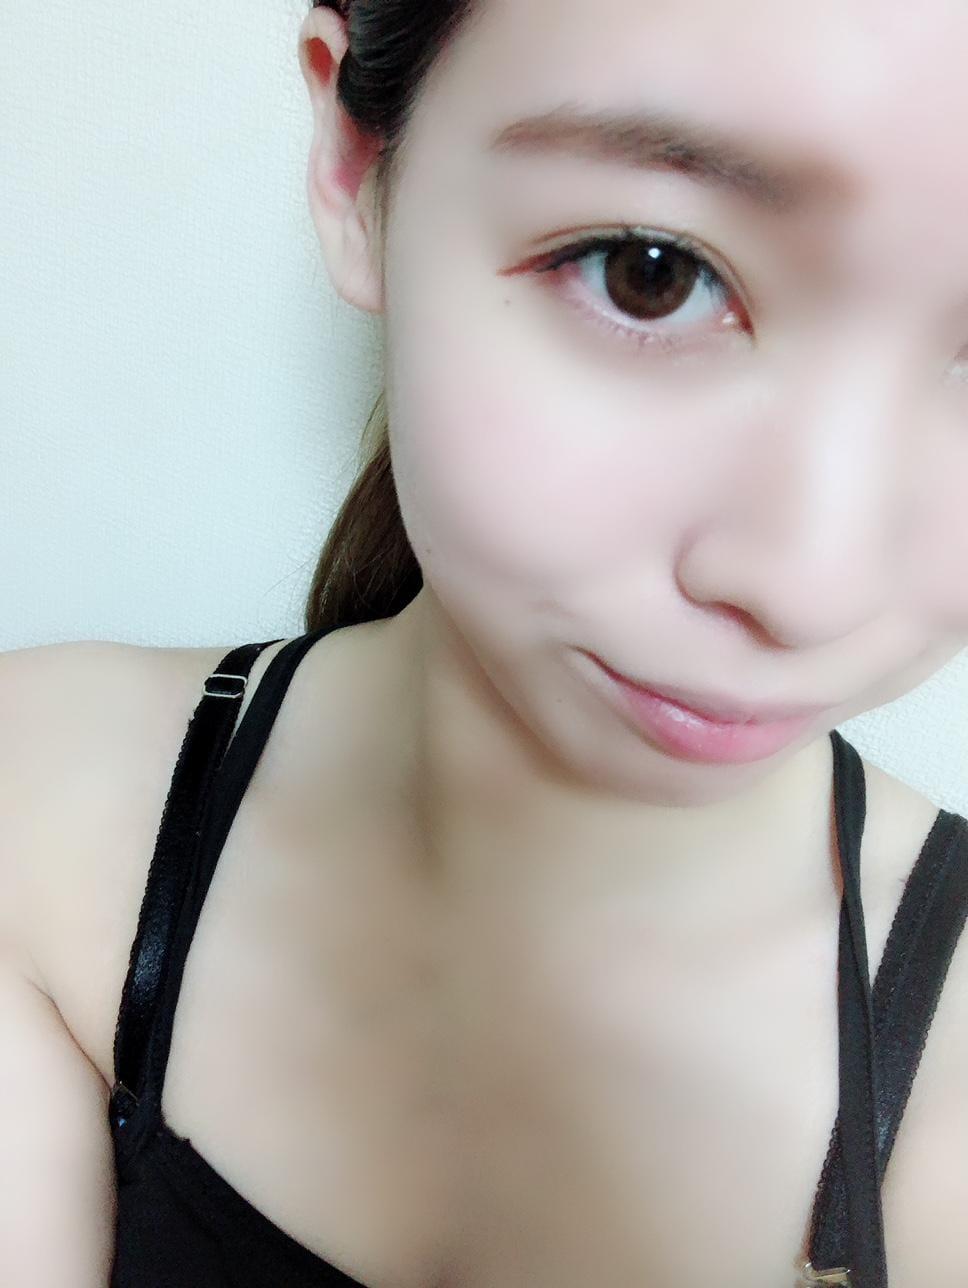 「ハマってるもの⭐︎」06/20(06/20) 21:46 | あいかの写メ・風俗動画